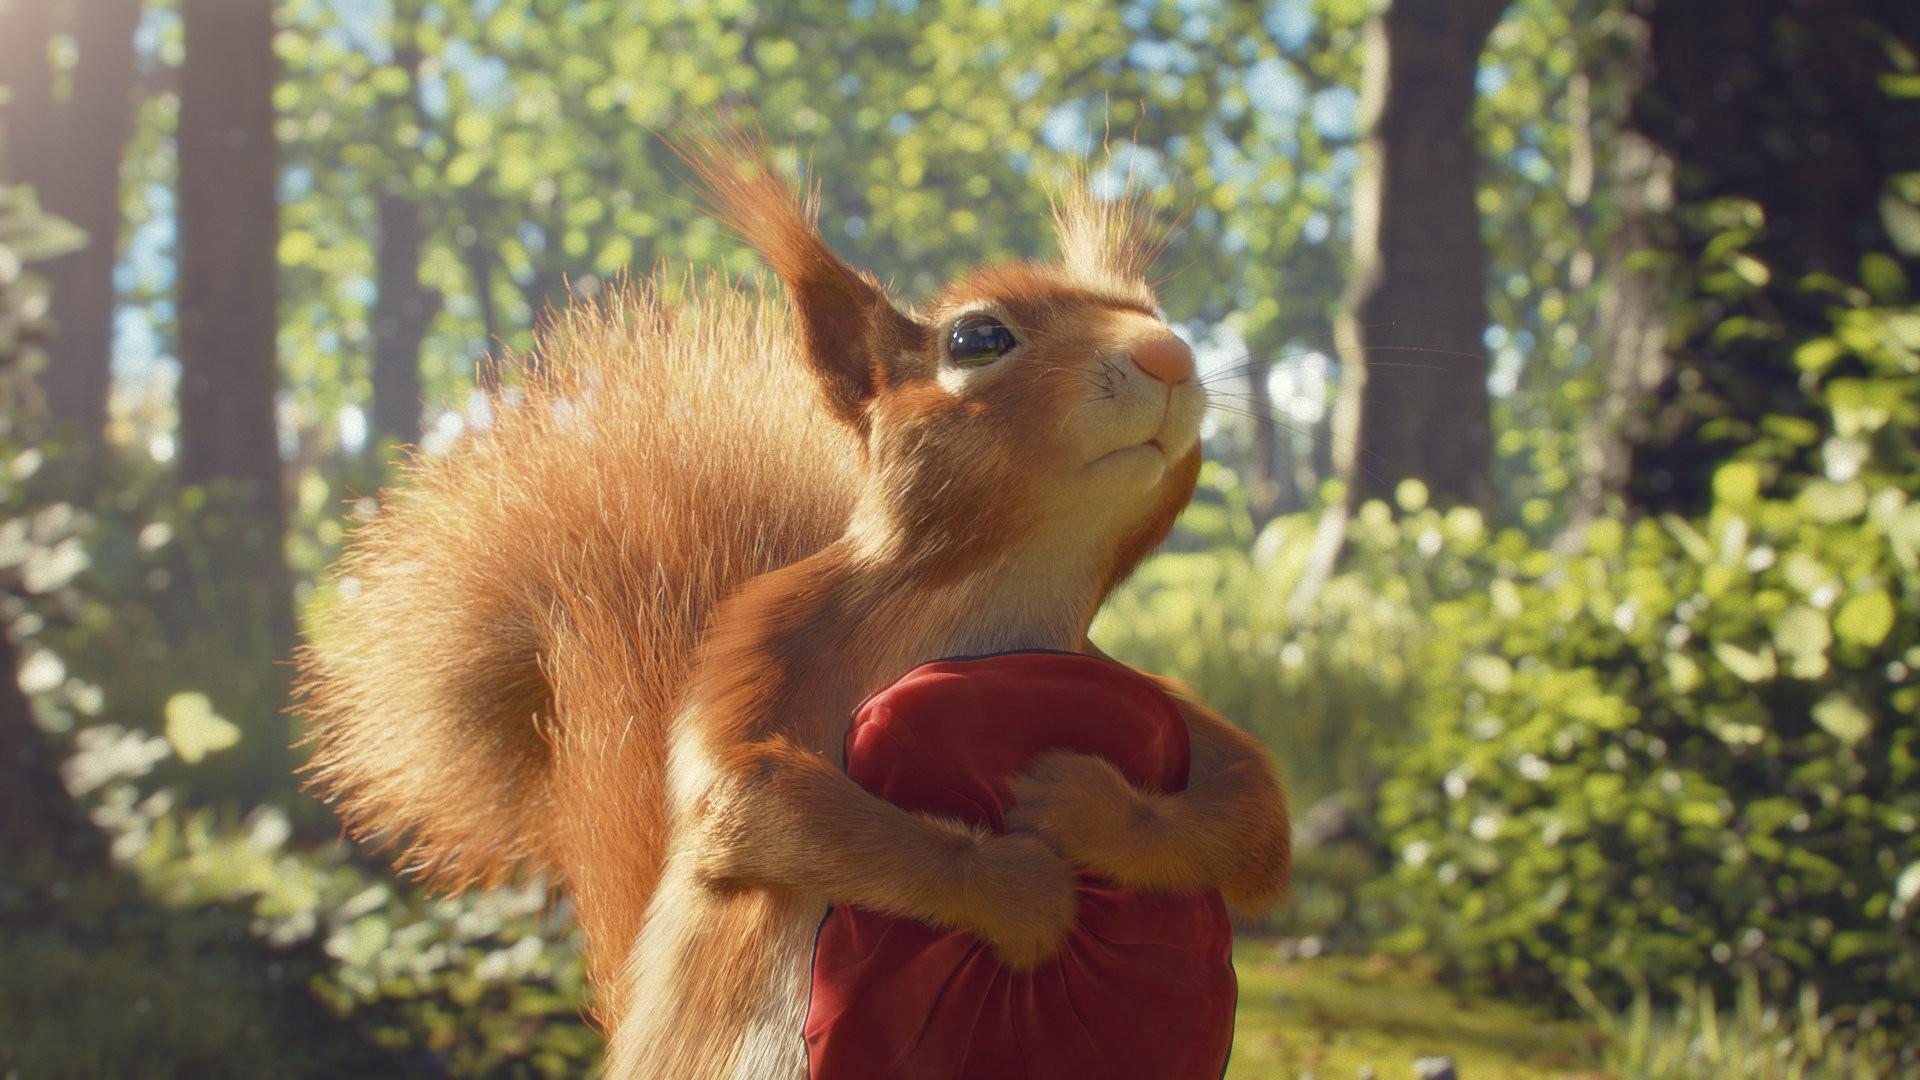 Gijs van kooten colorbleed studios sq010 sh020 squirrelcu 0079